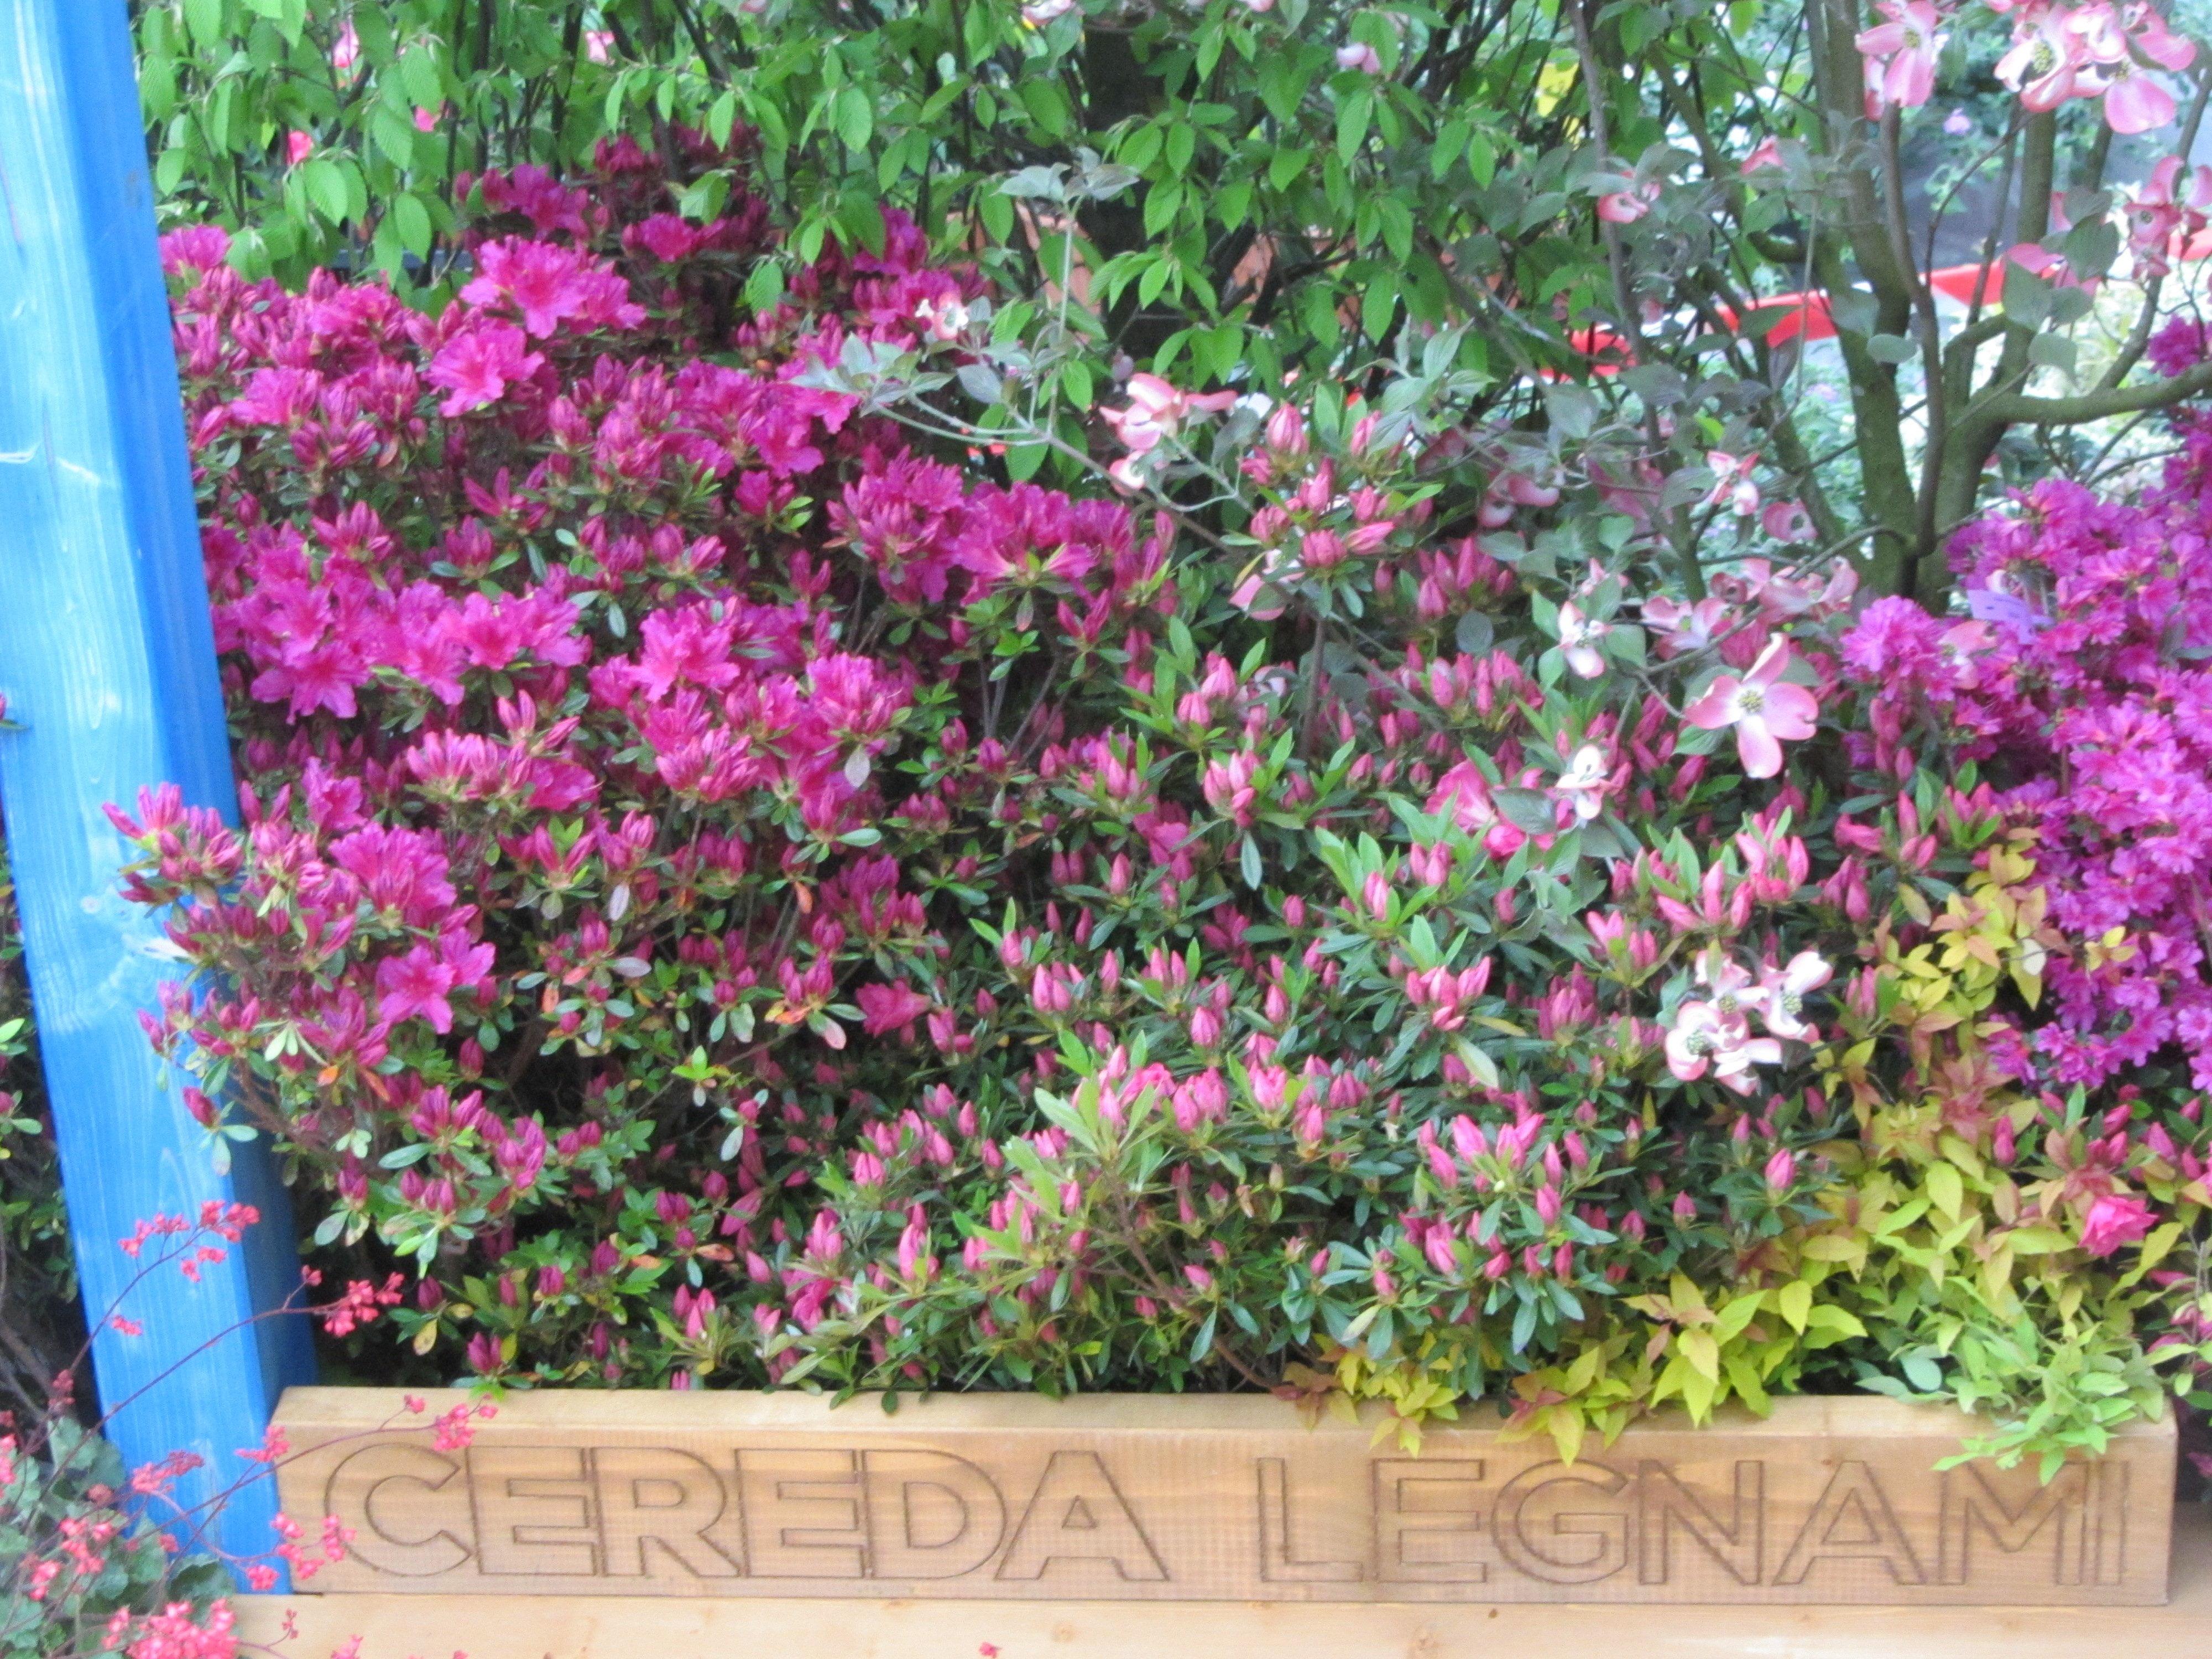 Cereda legnami legname per balconi milano e brianza for Cereda legnami